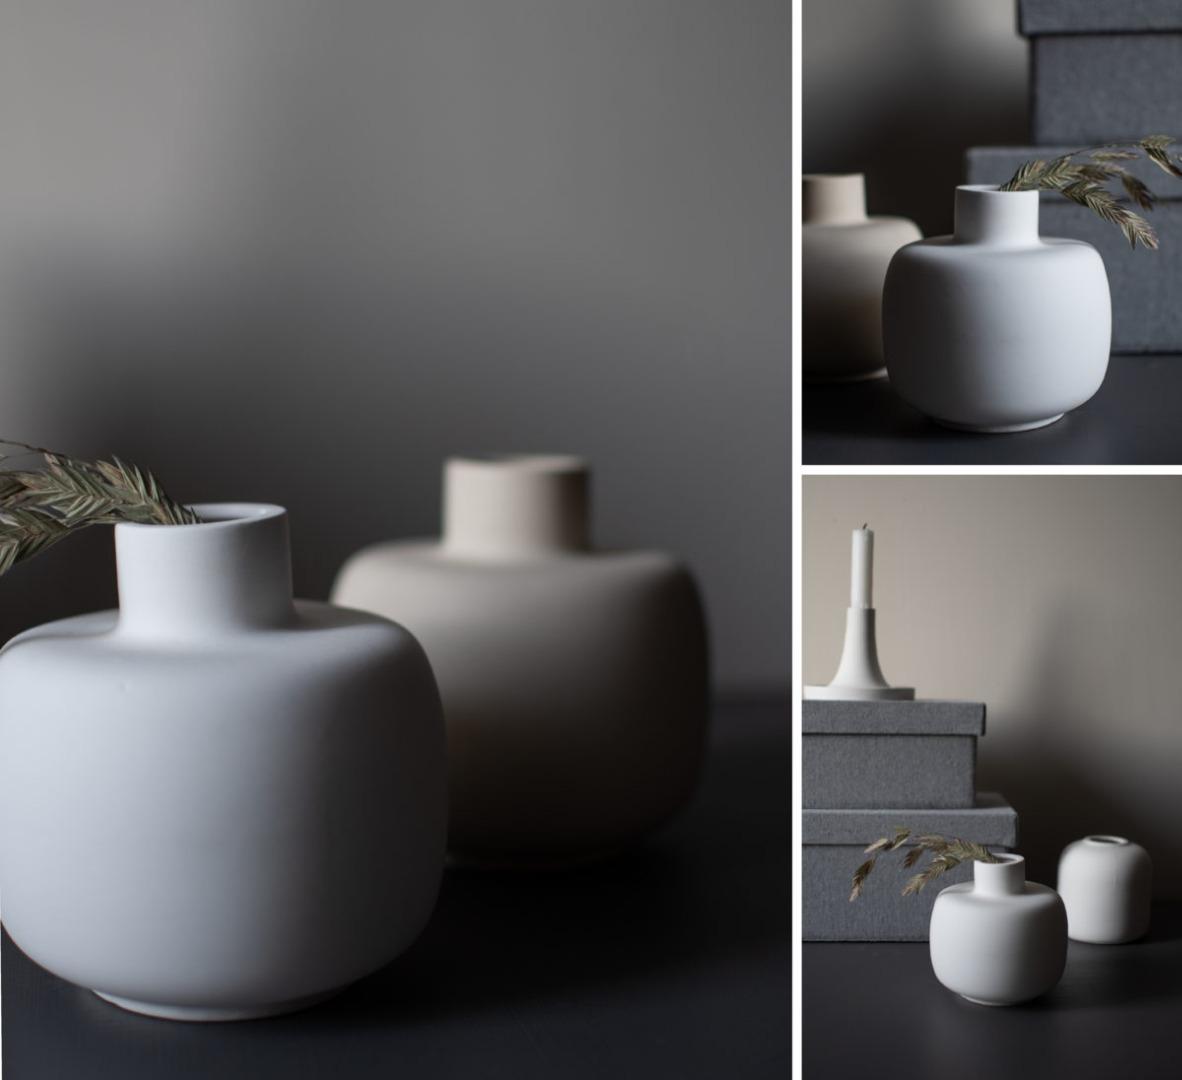 bauchige Vase weiß 3